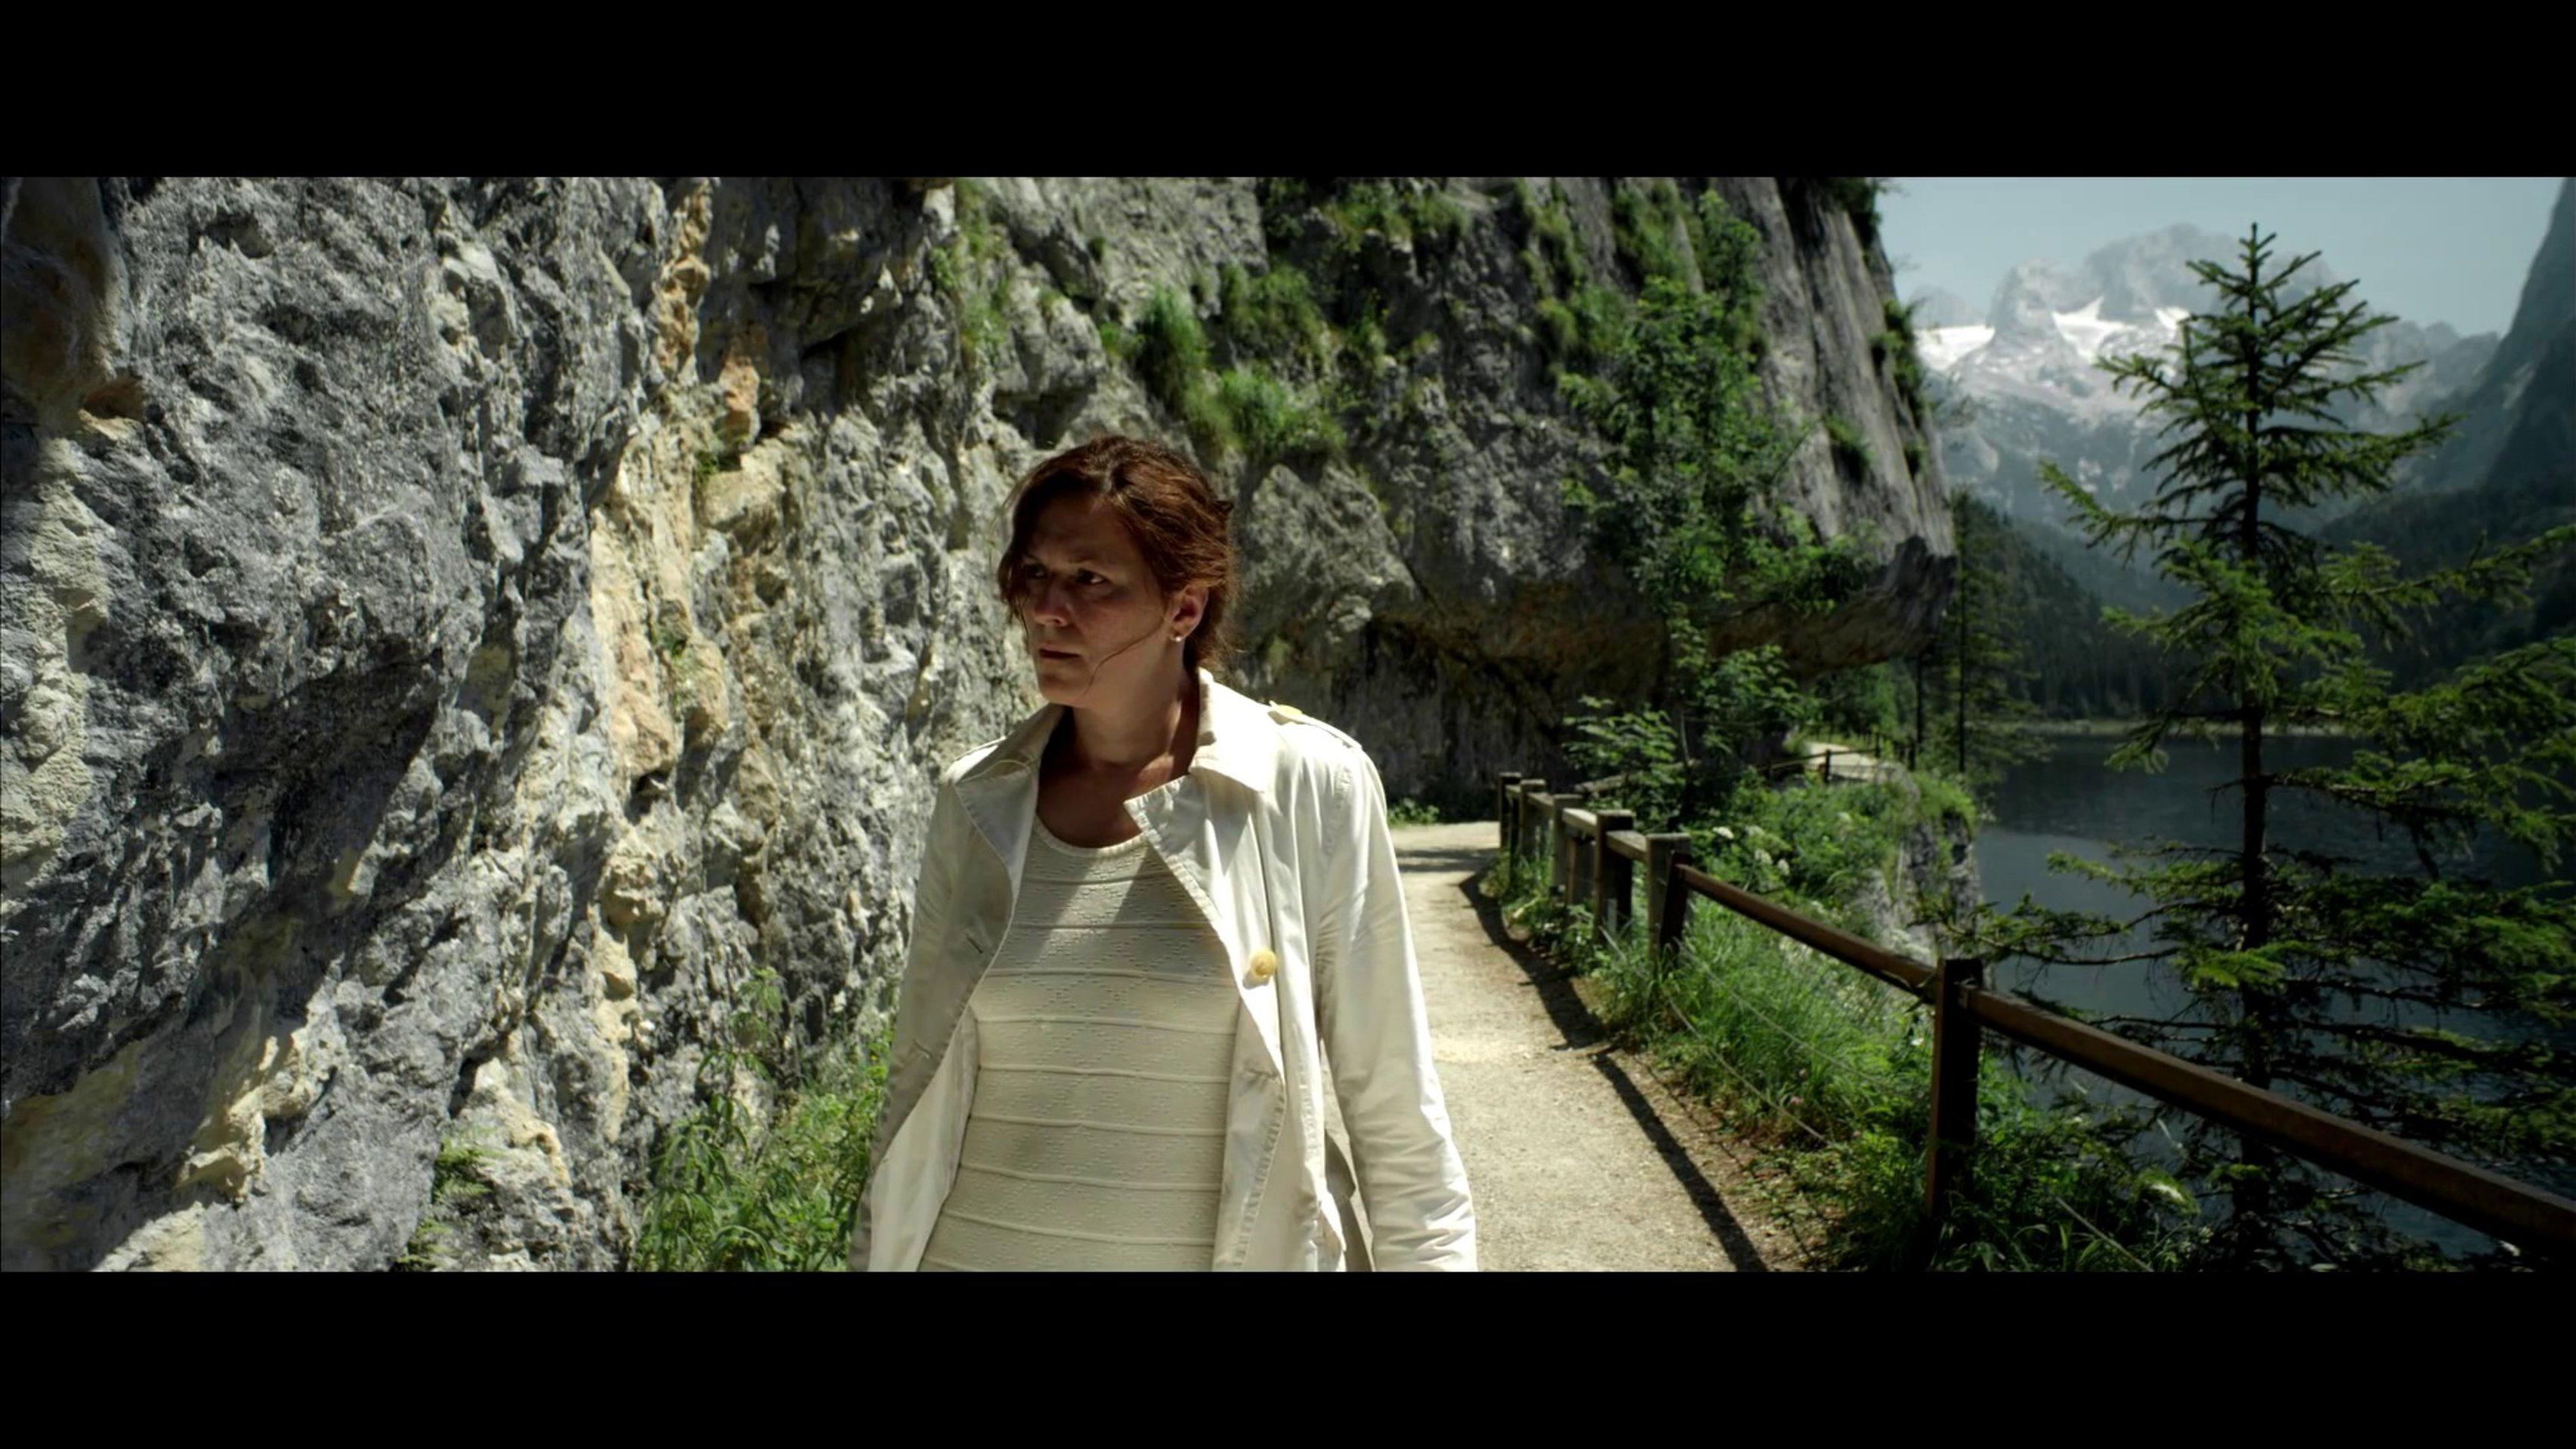 Die wand film 2011 trailer kritik - Bilder an die wand hangen ...